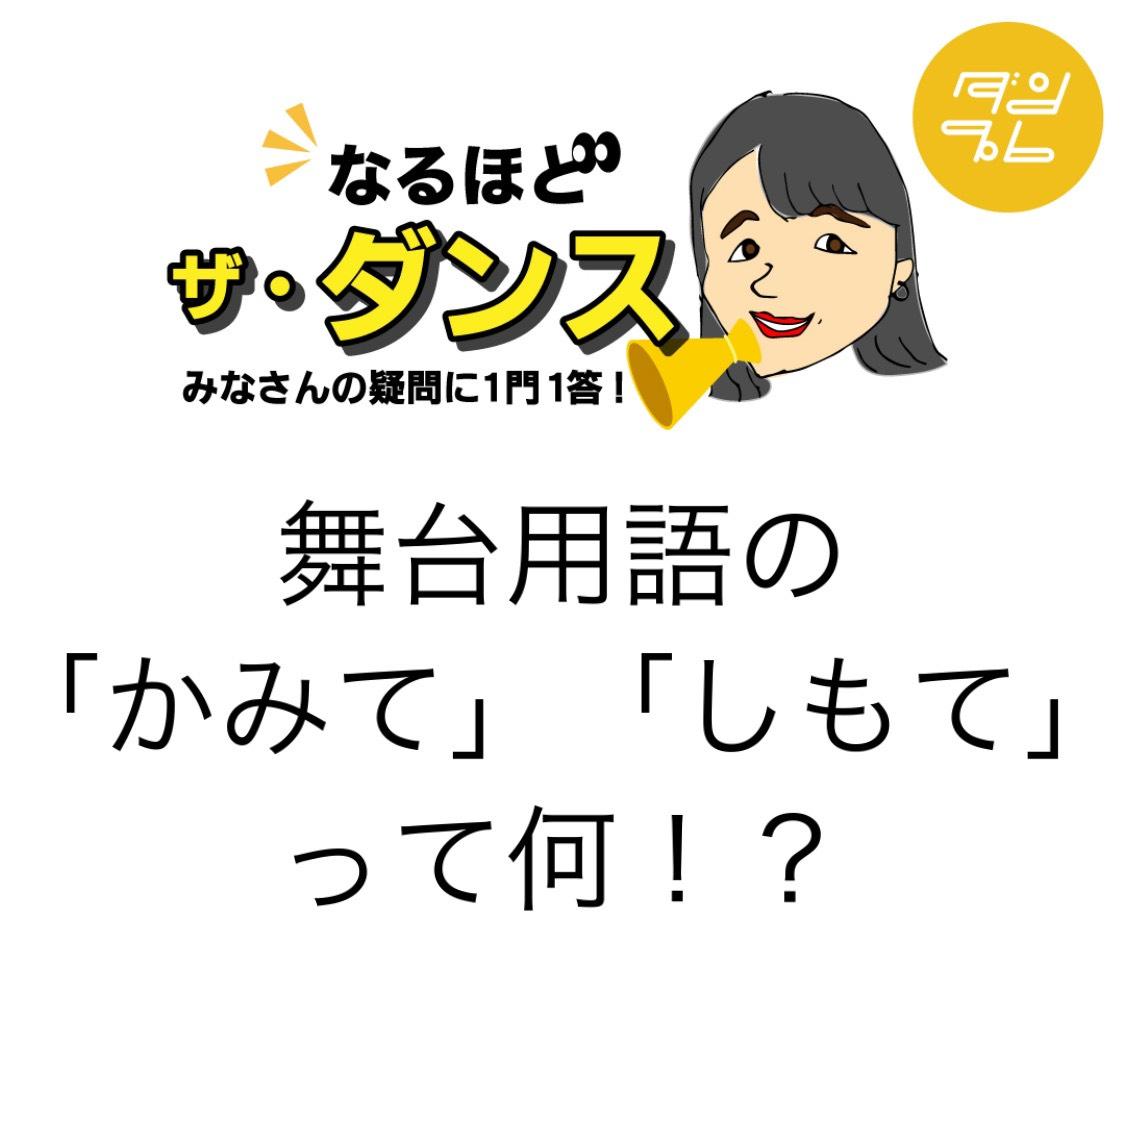 記事「なるほど ザ・ダンス① 舞台用語の「かみて」「しもて」って何?」の画像